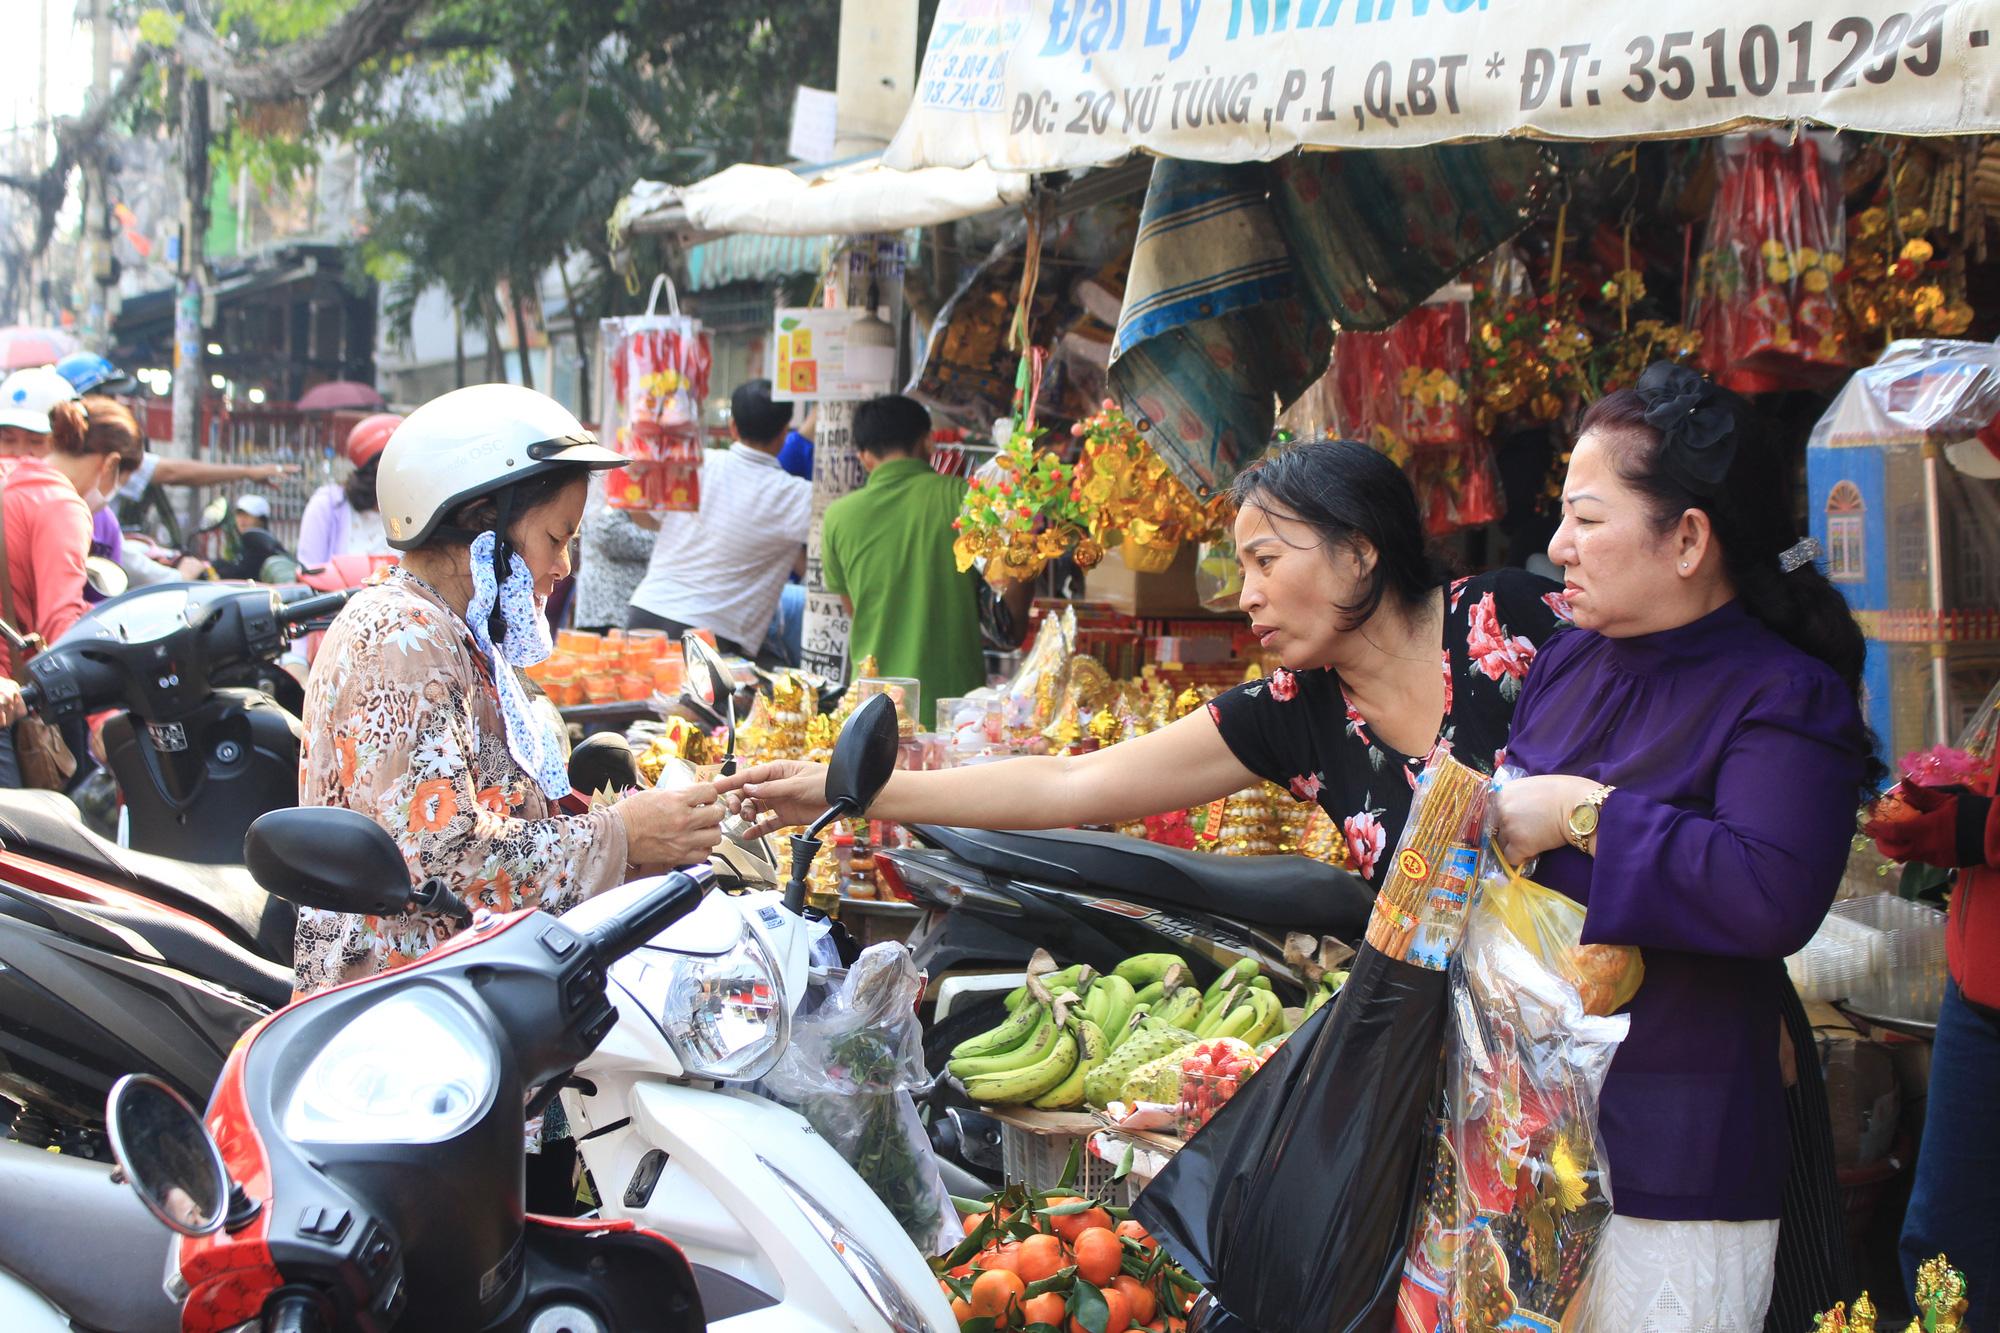 Người Sài Gòn tranh thủ sắm đồ cúng ông Công, ông Táo: Vàng mã hốt bạc, cá chép đìu hiu - Ảnh 3.